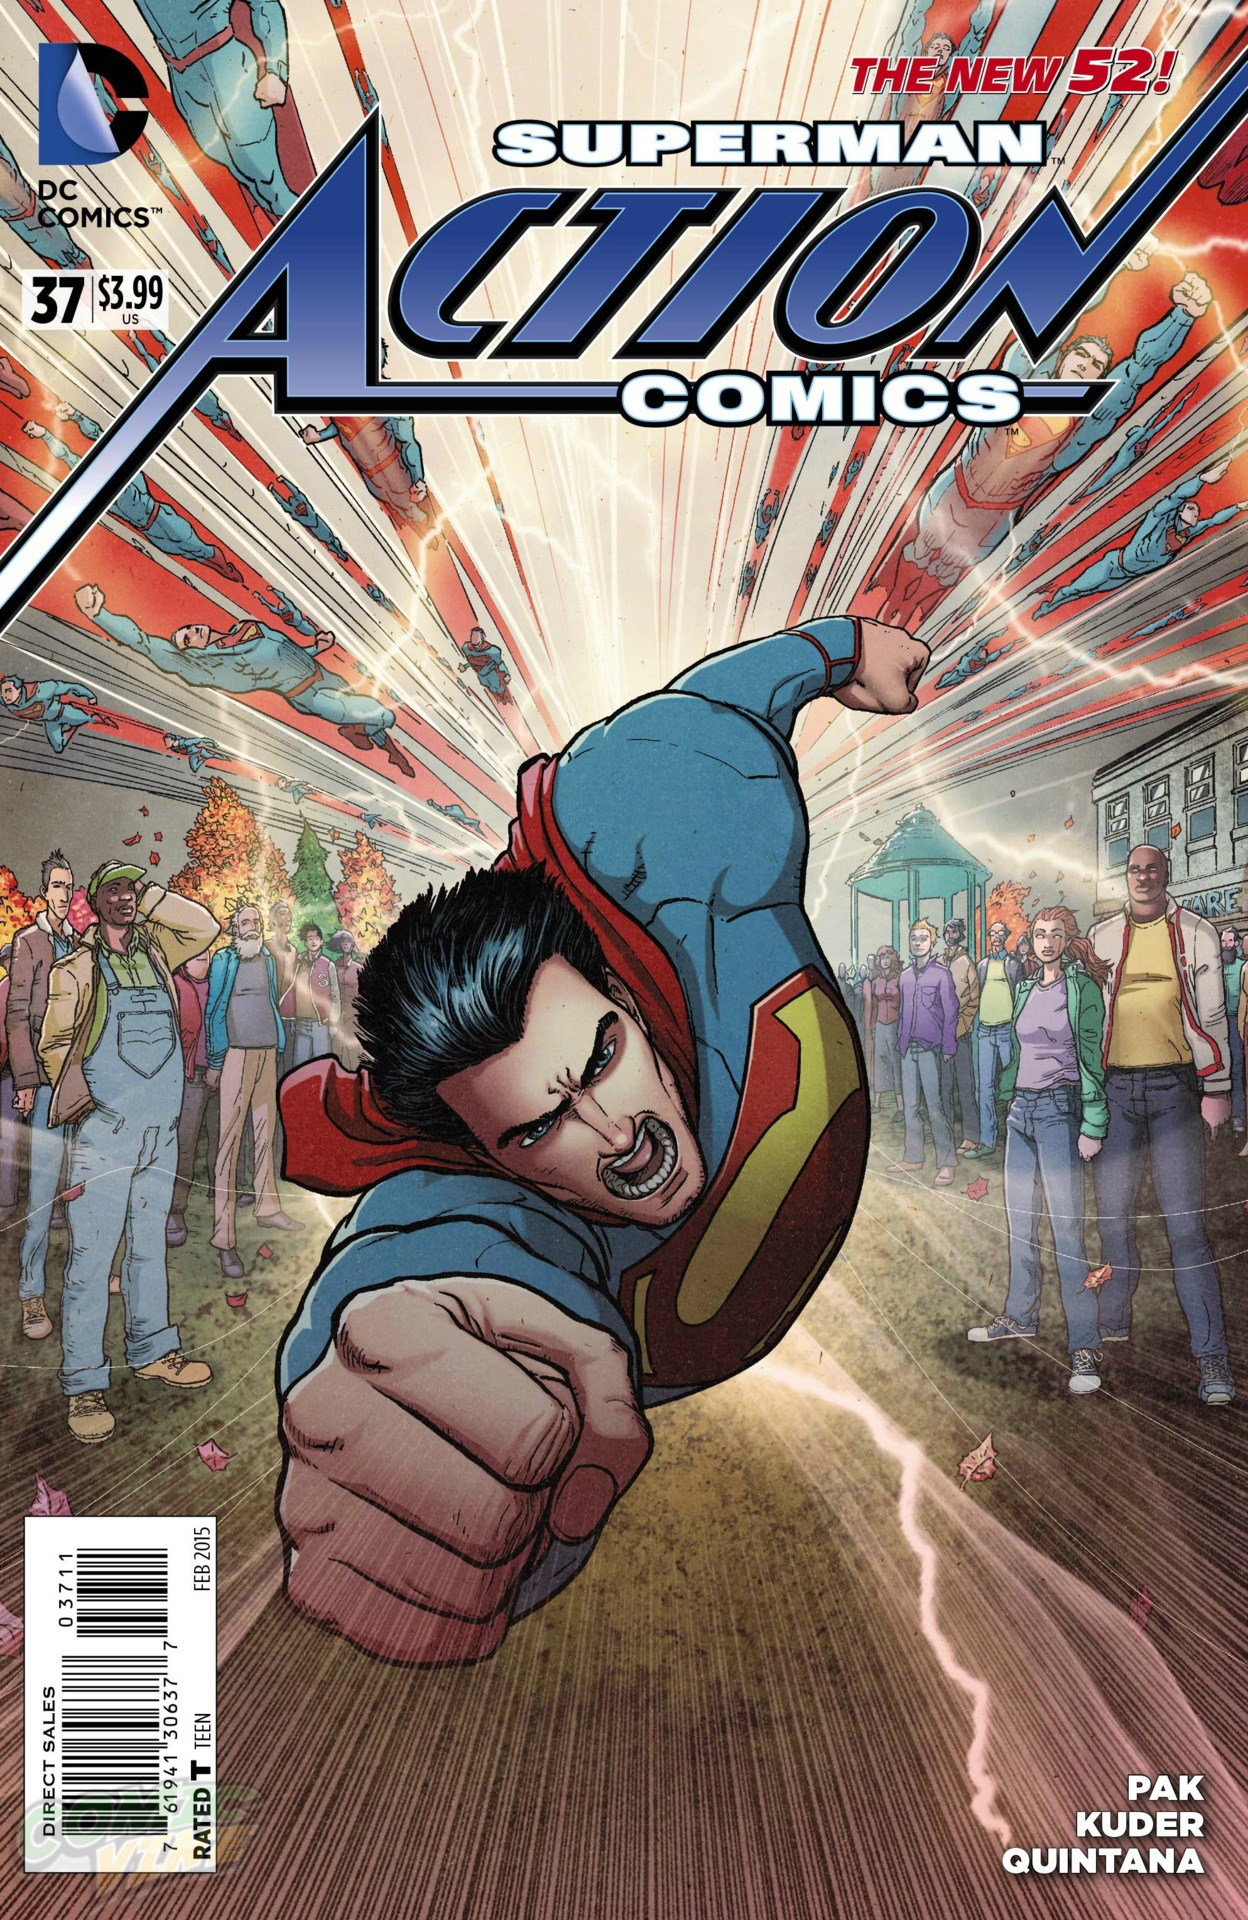 Action Comics Vol 2 37